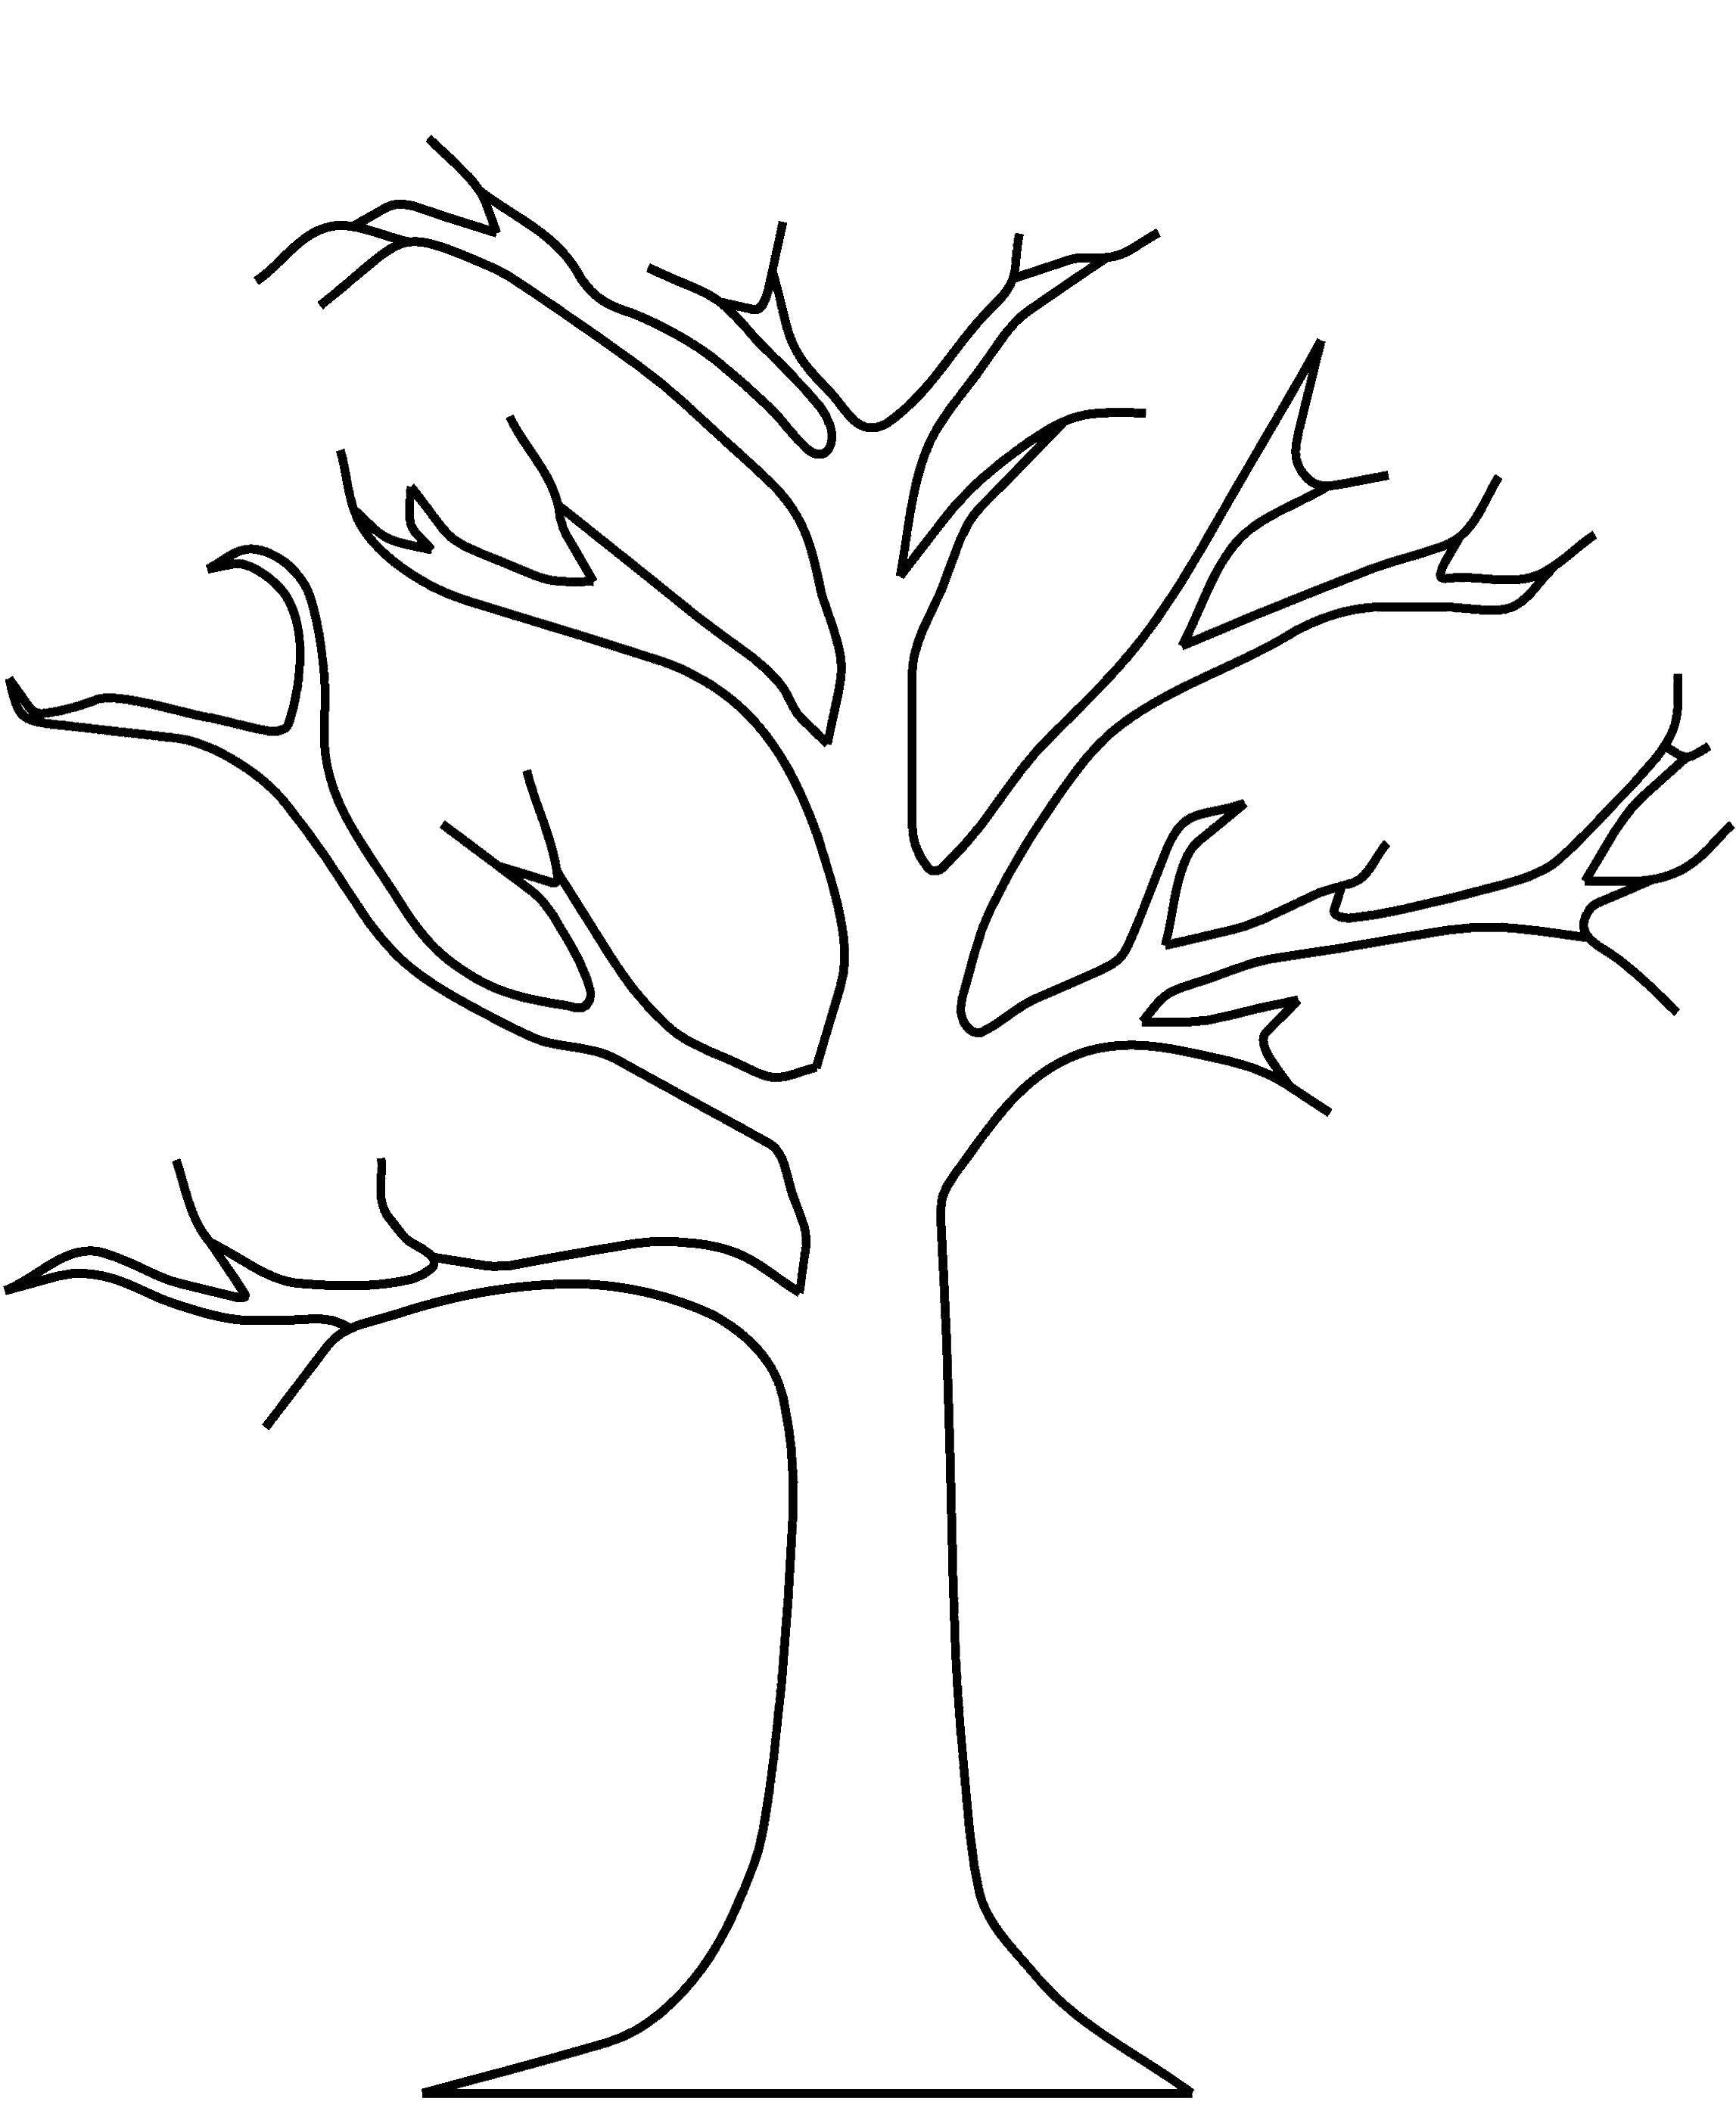 Раскраска дерево Скачать ,деревья, ветки, ствол,.  Распечатать